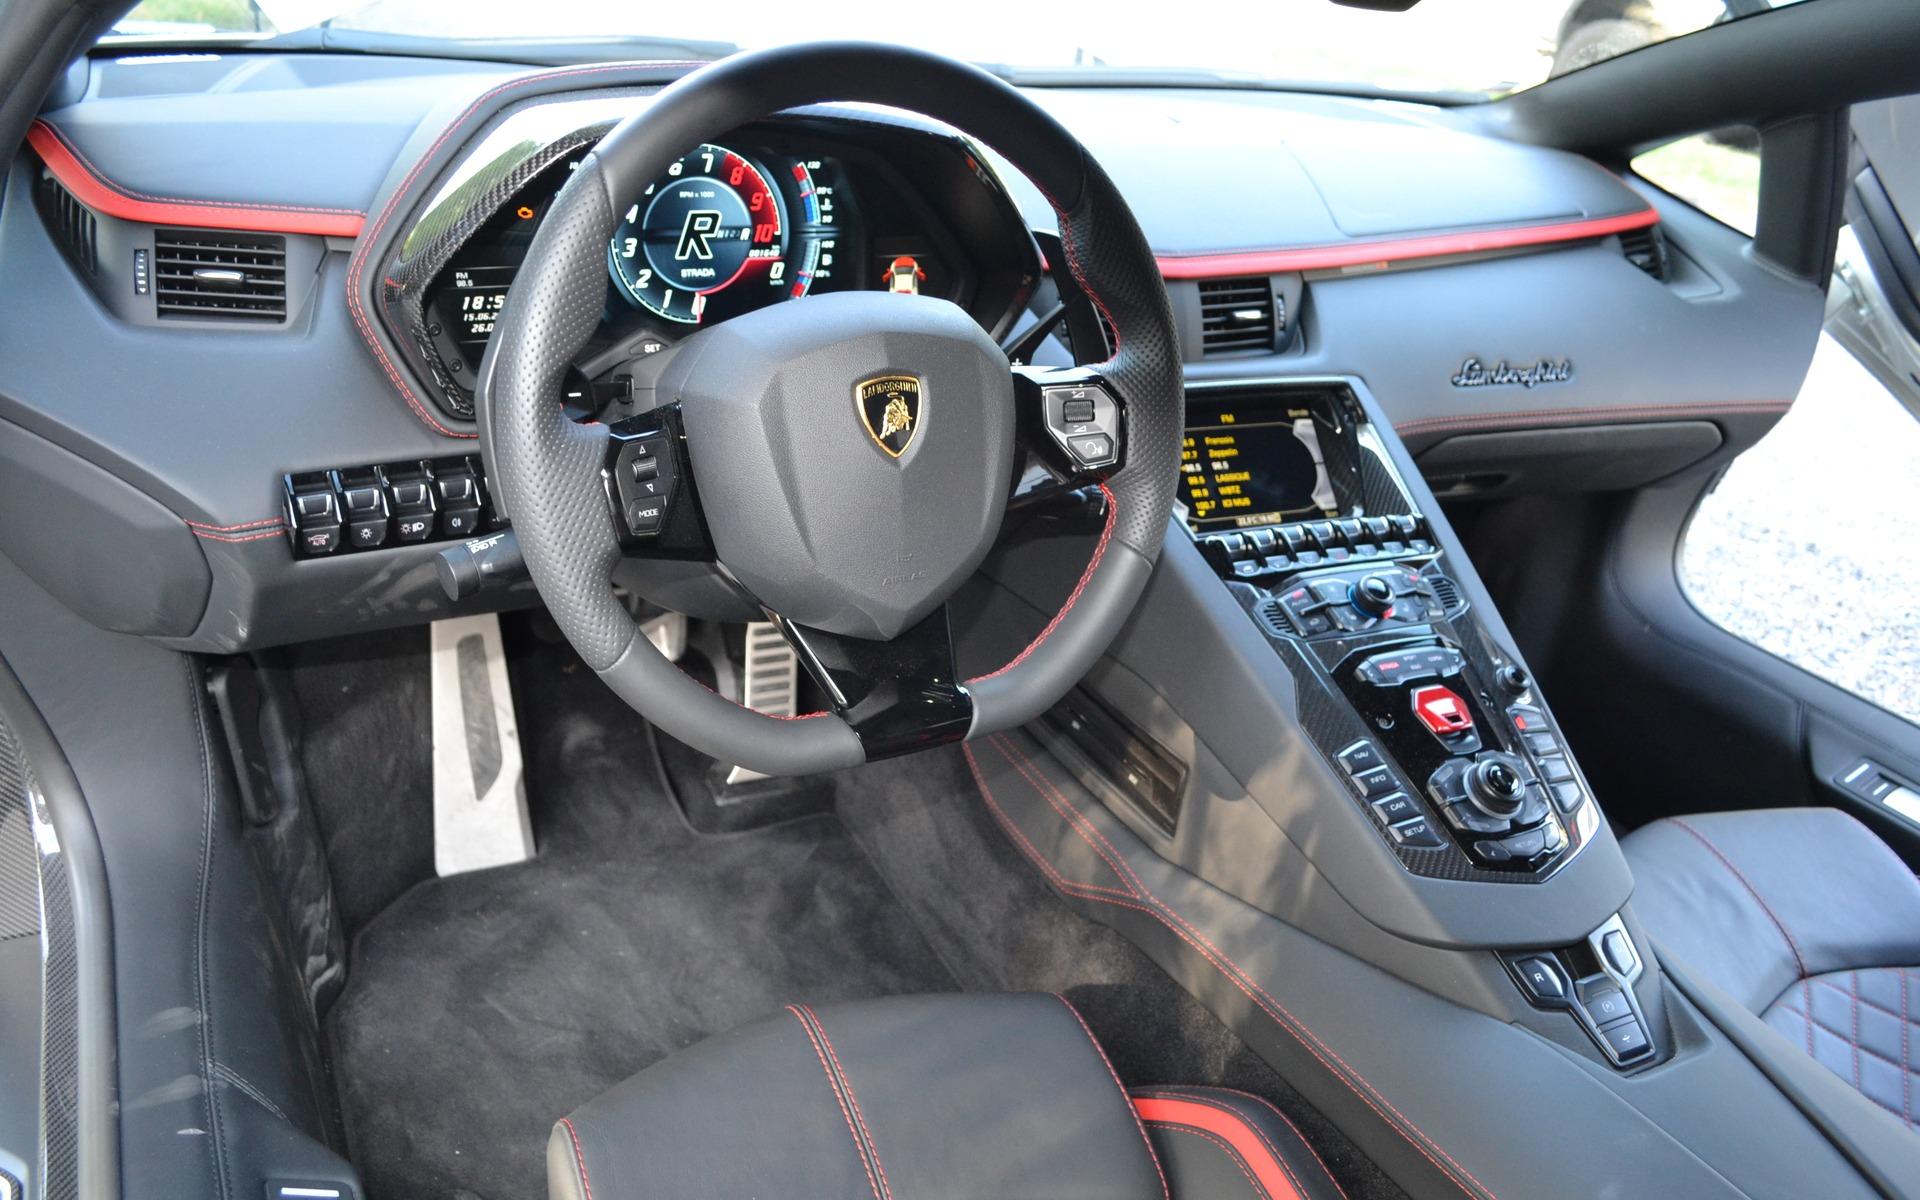 2018 Lamborghini Aventador Photos  33  The Car Guide